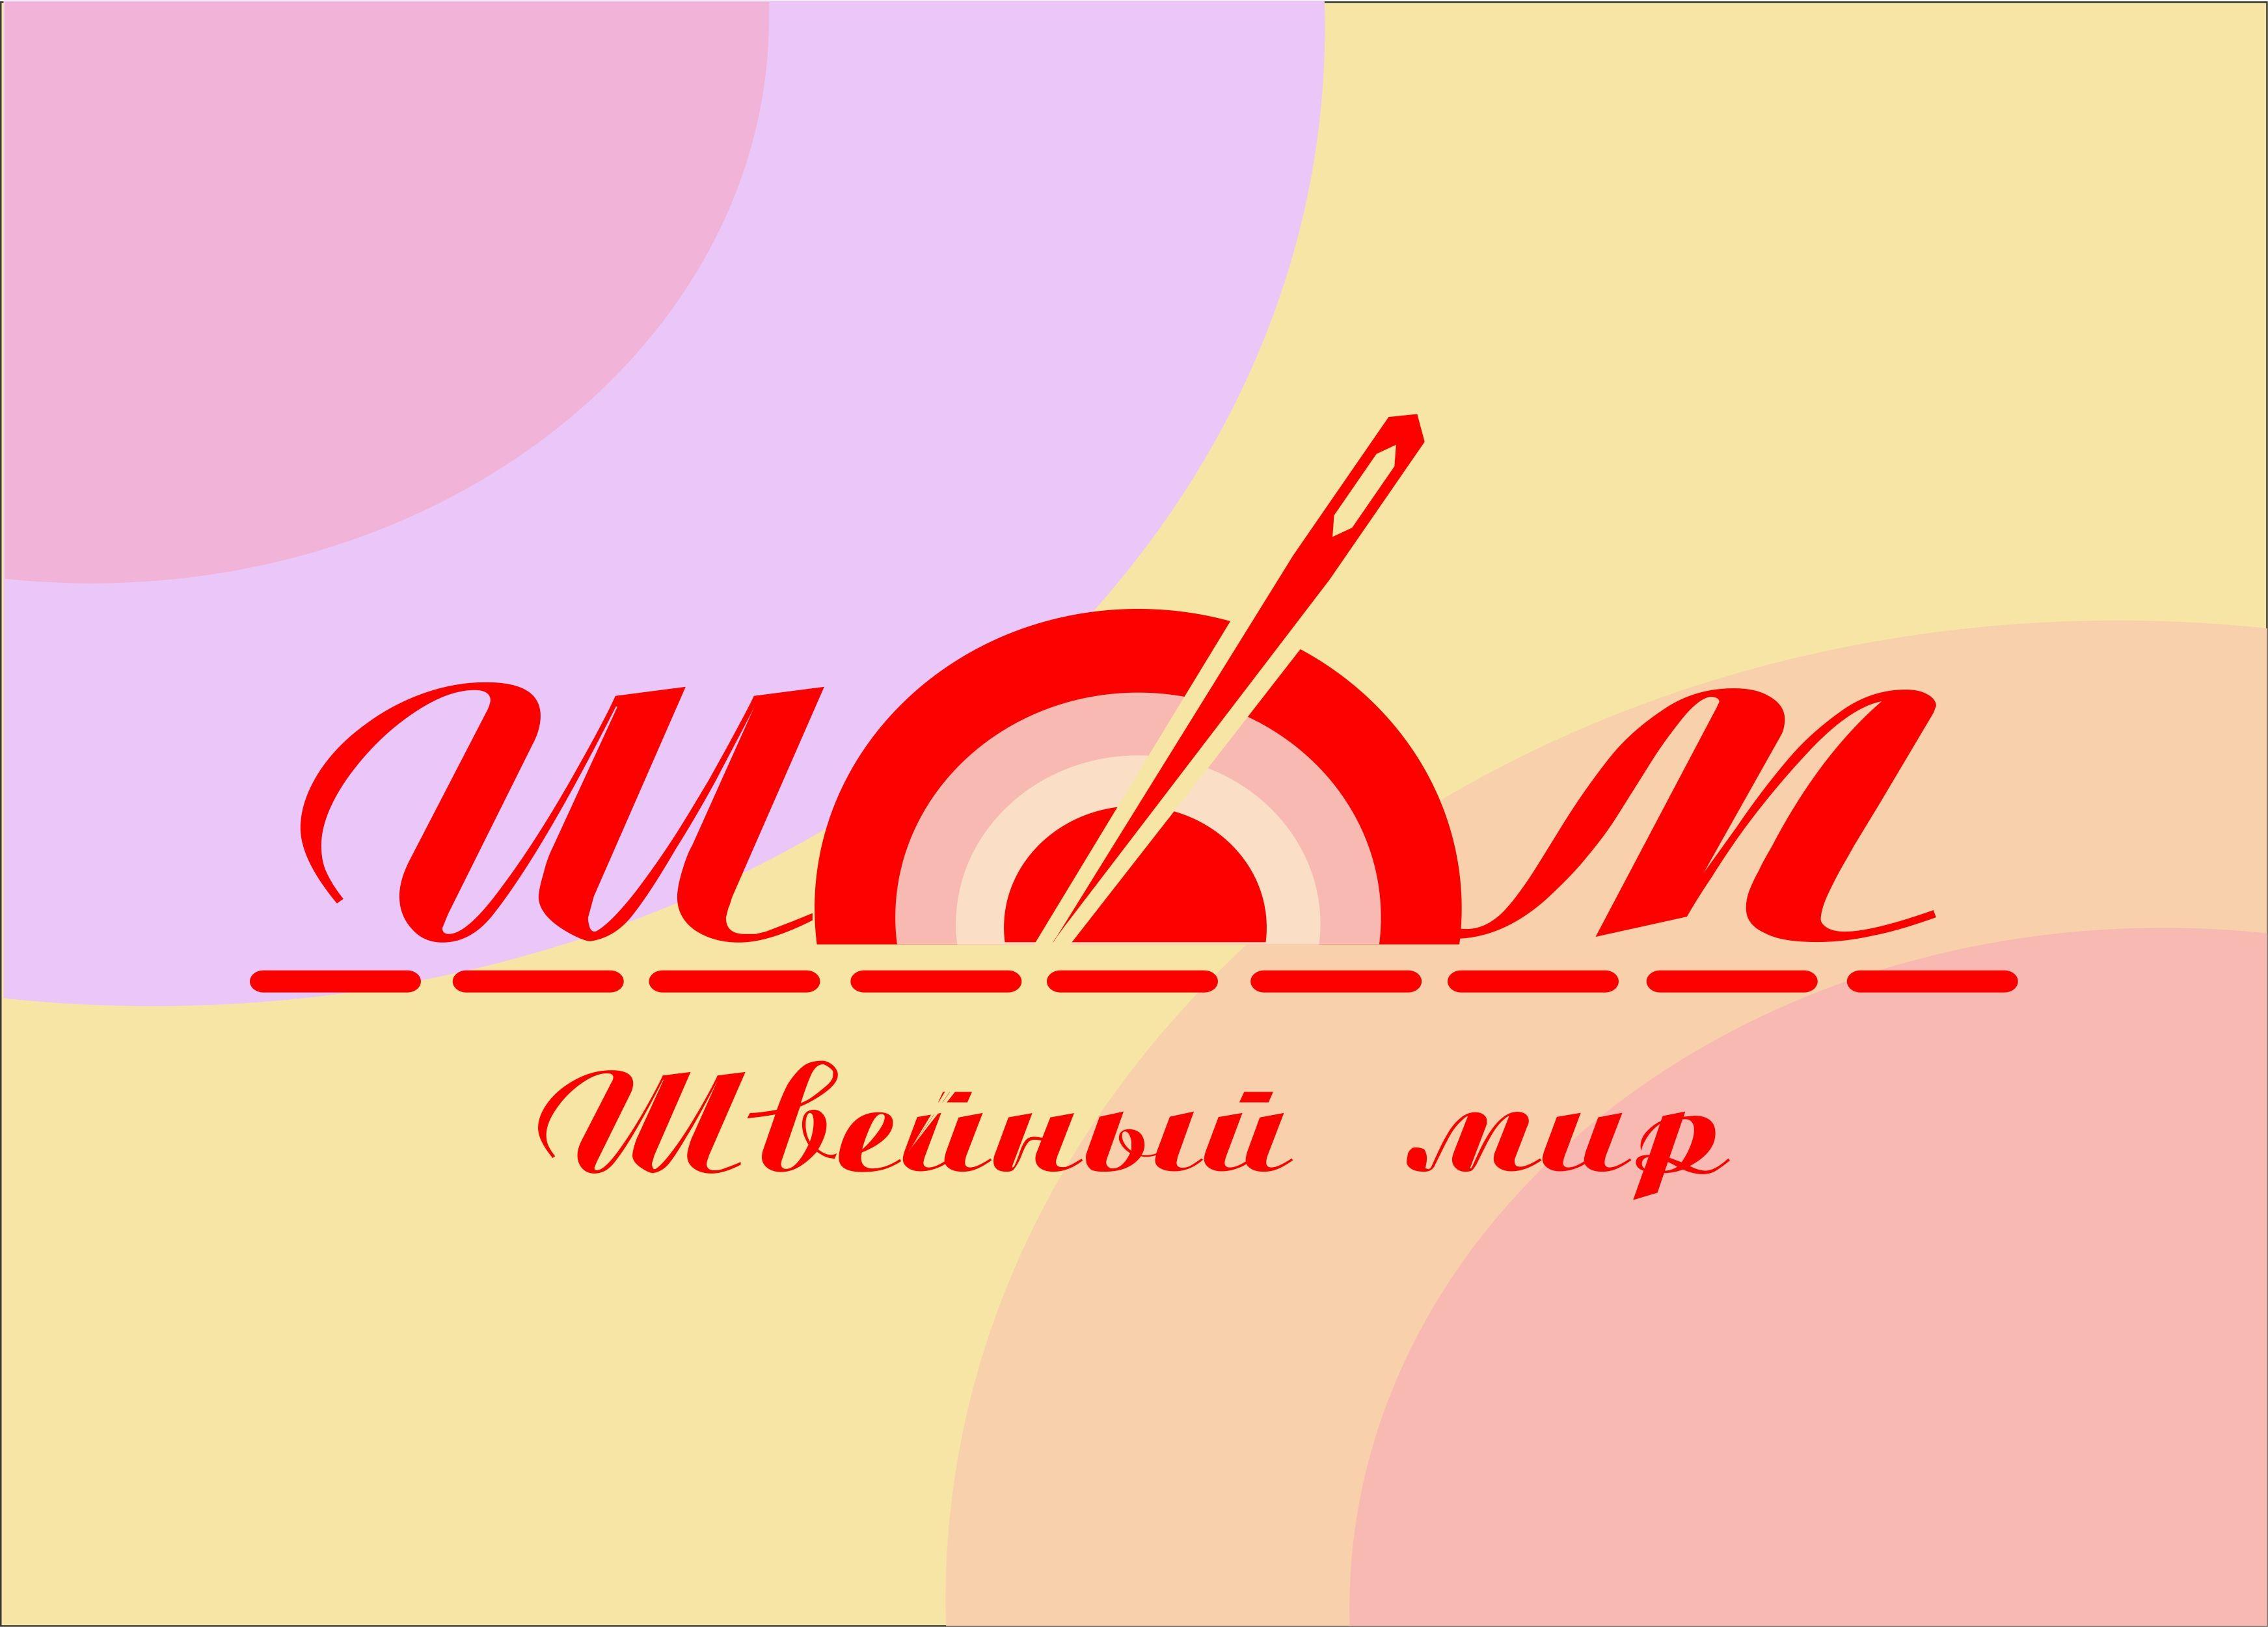 Логотип для ООО Швейный мир - дизайнер IGOR-OK-26RUS